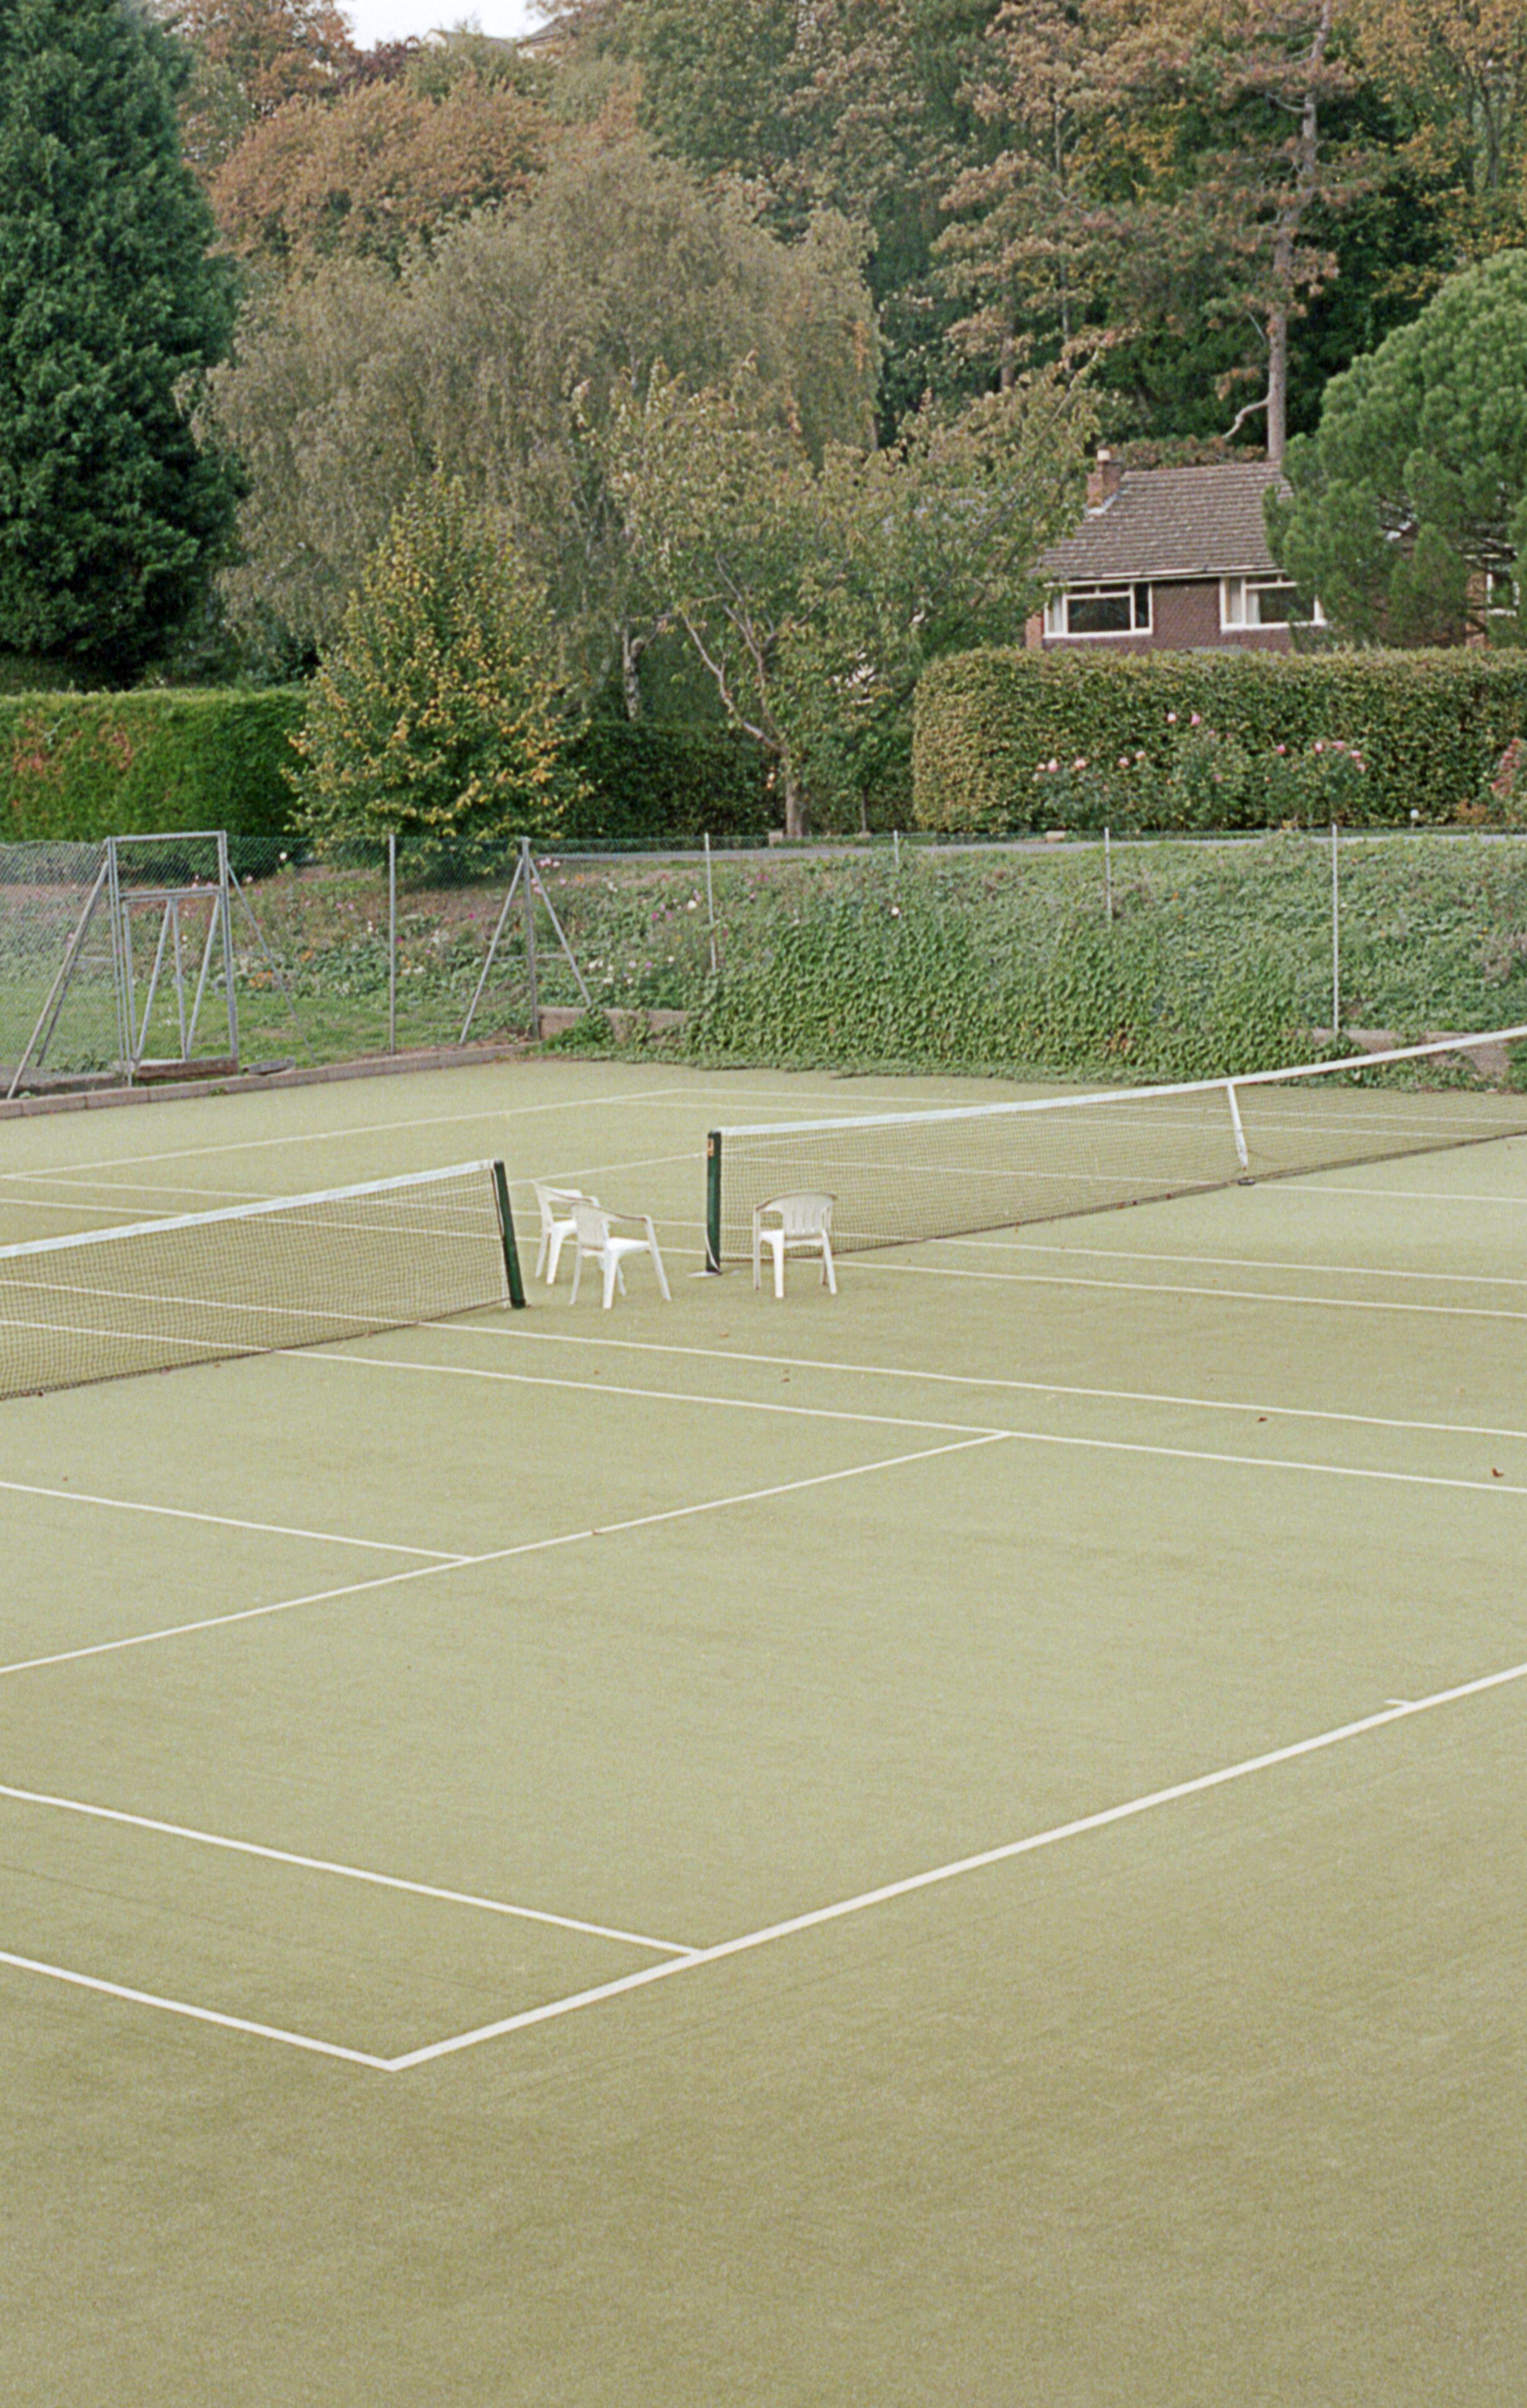 Tennis_35mm_Colour_Roll 4_018.jpg